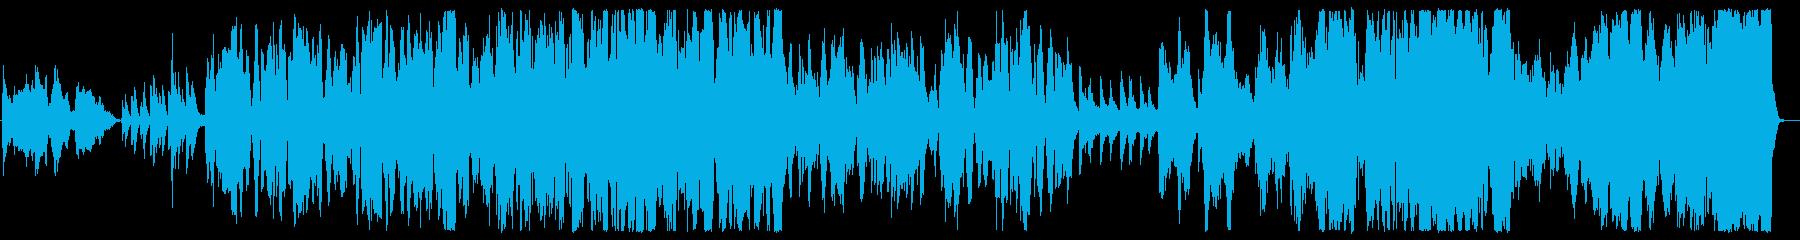 和と洋のコラボレーションの再生済みの波形